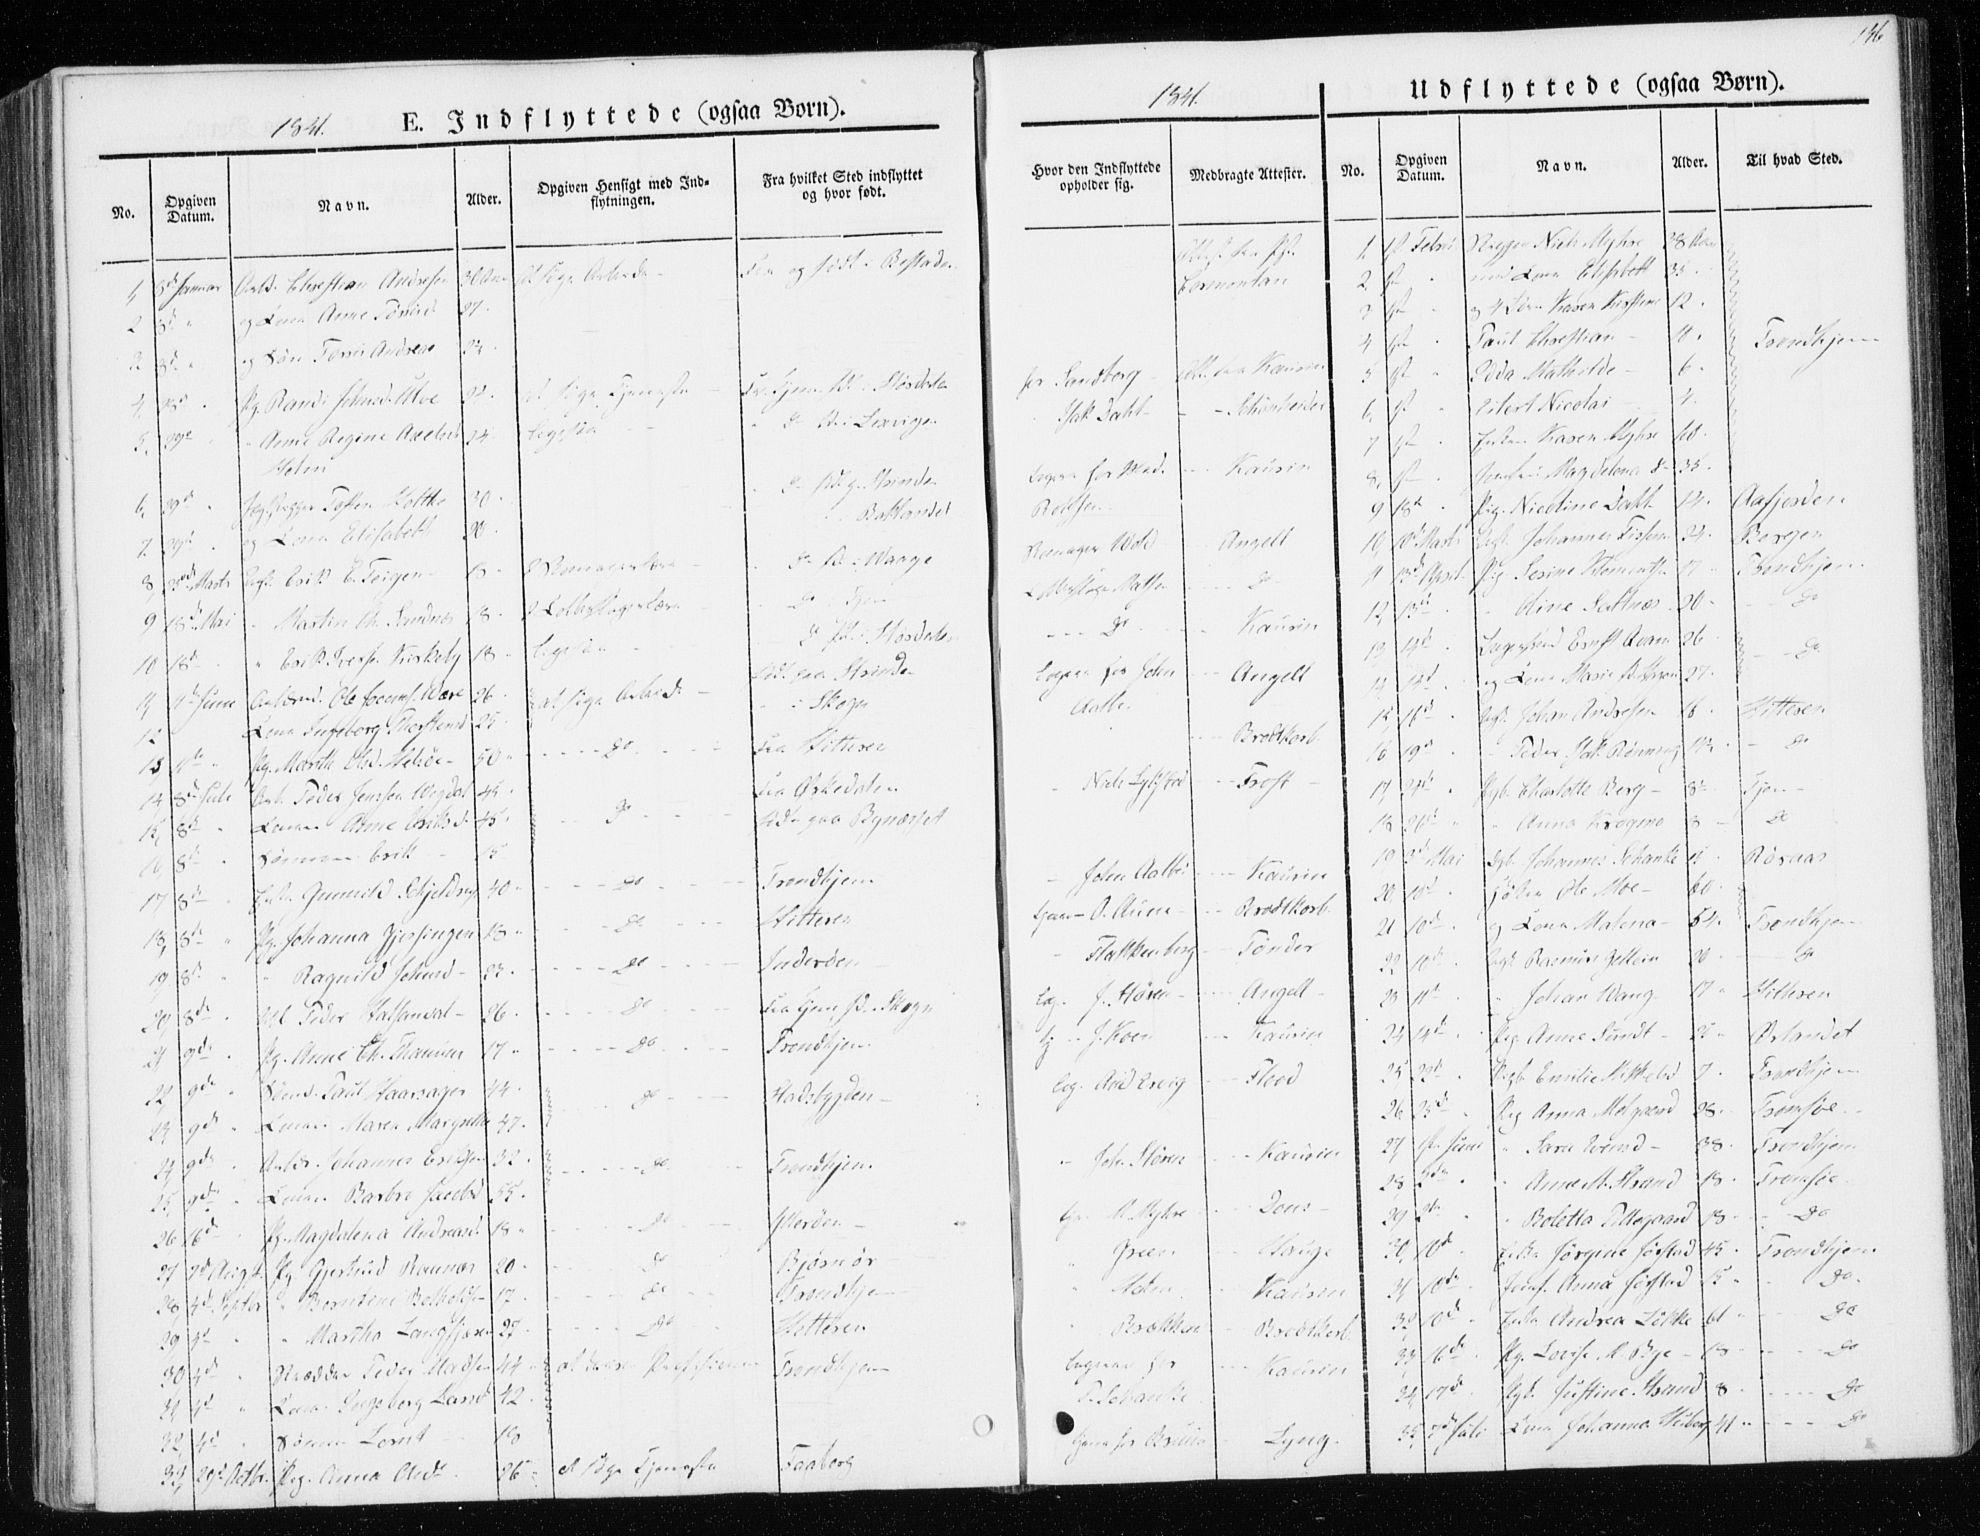 SAT, Ministerialprotokoller, klokkerbøker og fødselsregistre - Sør-Trøndelag, 604/L0183: Ministerialbok nr. 604A04, 1841-1850, s. 146